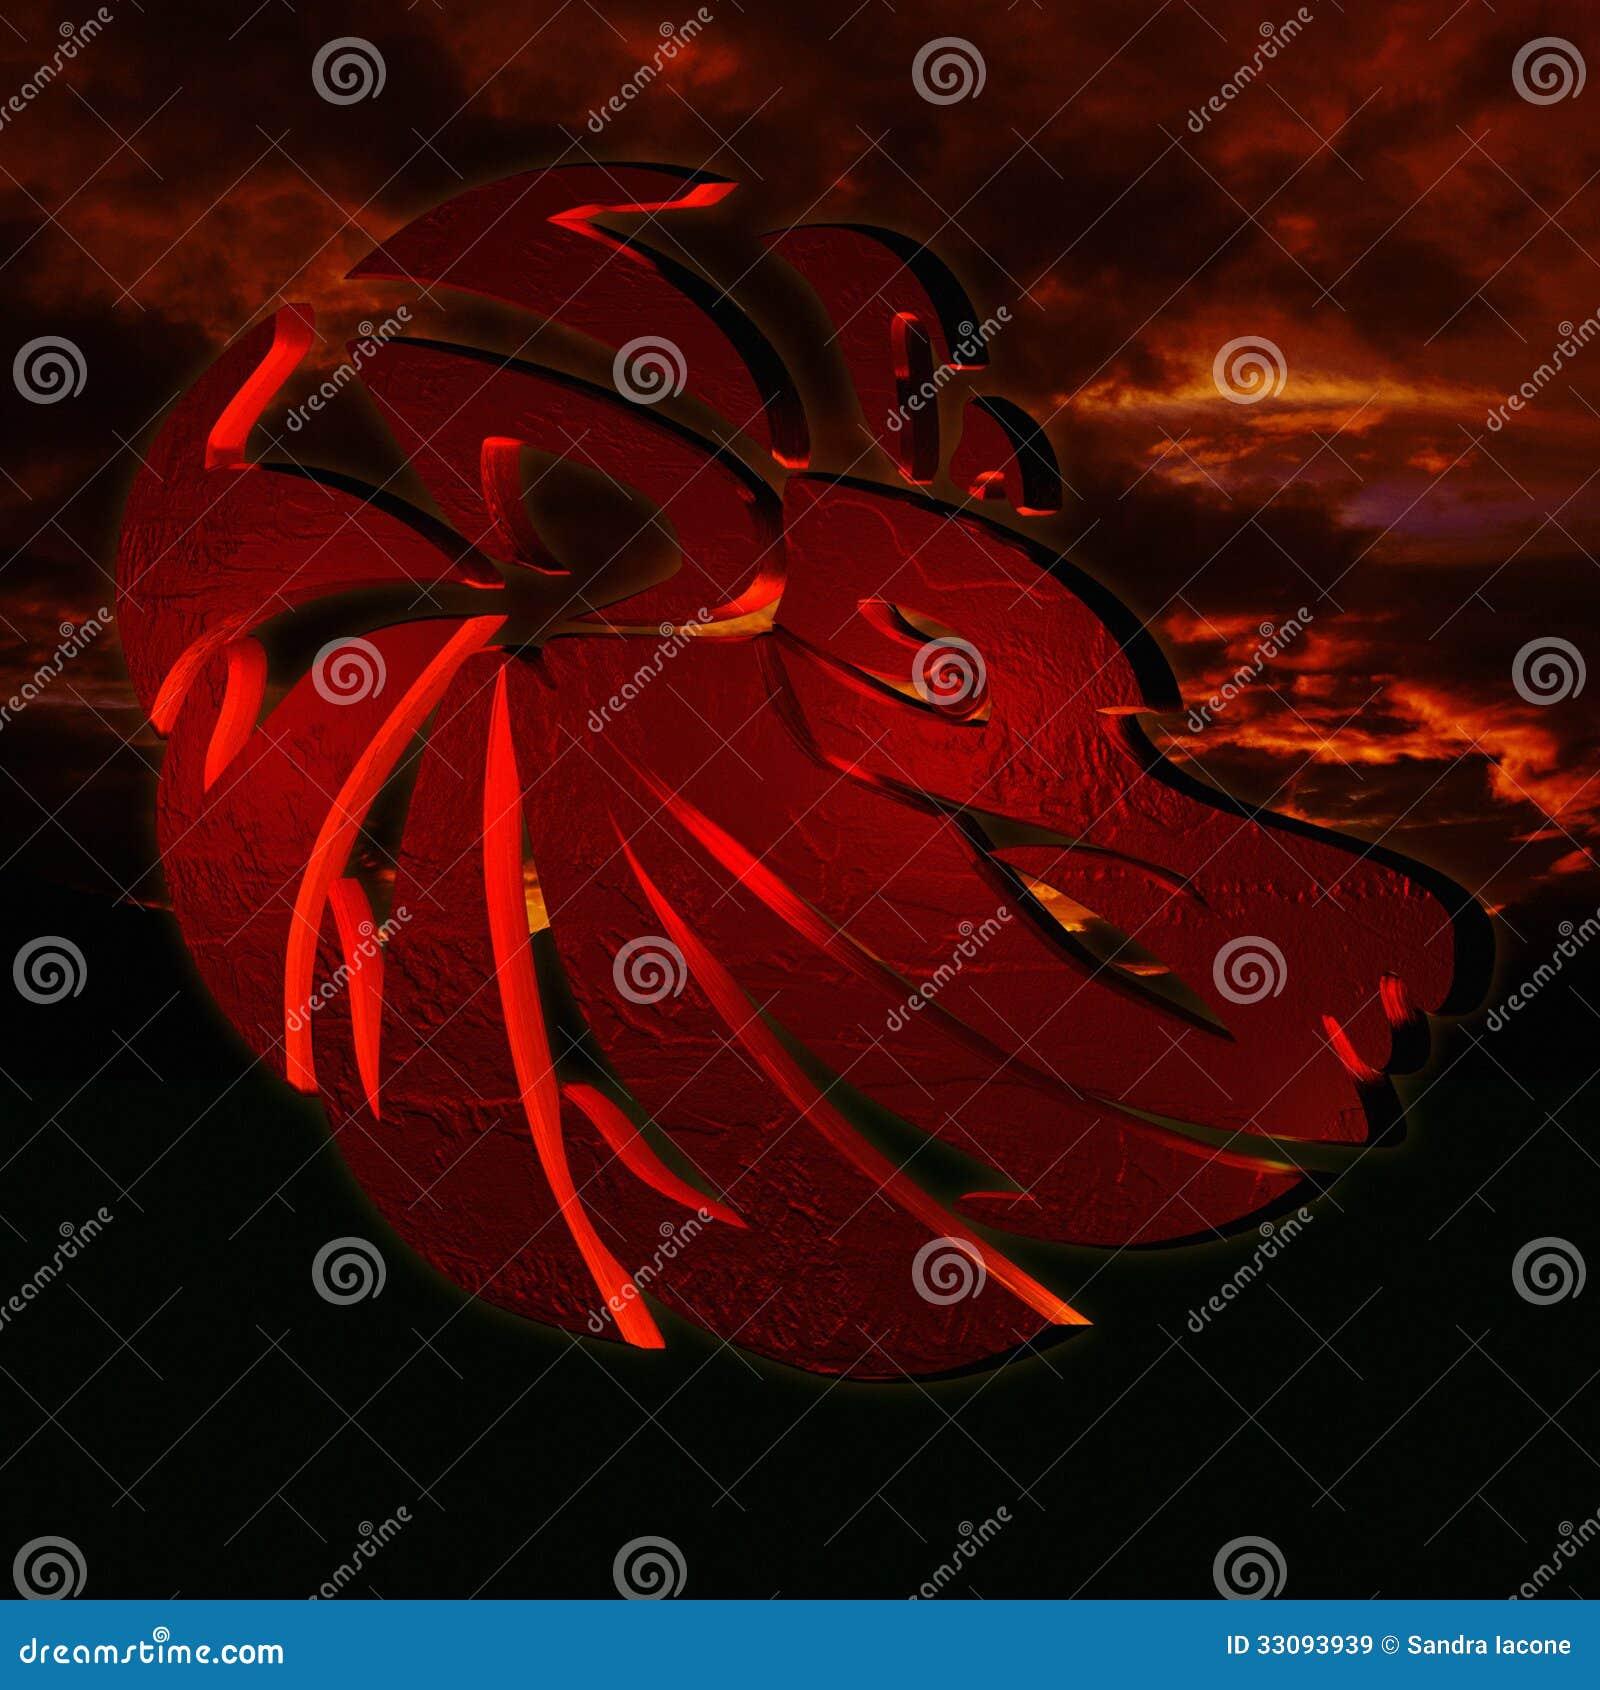 Horoscope Leo Royalty Free Stock Images